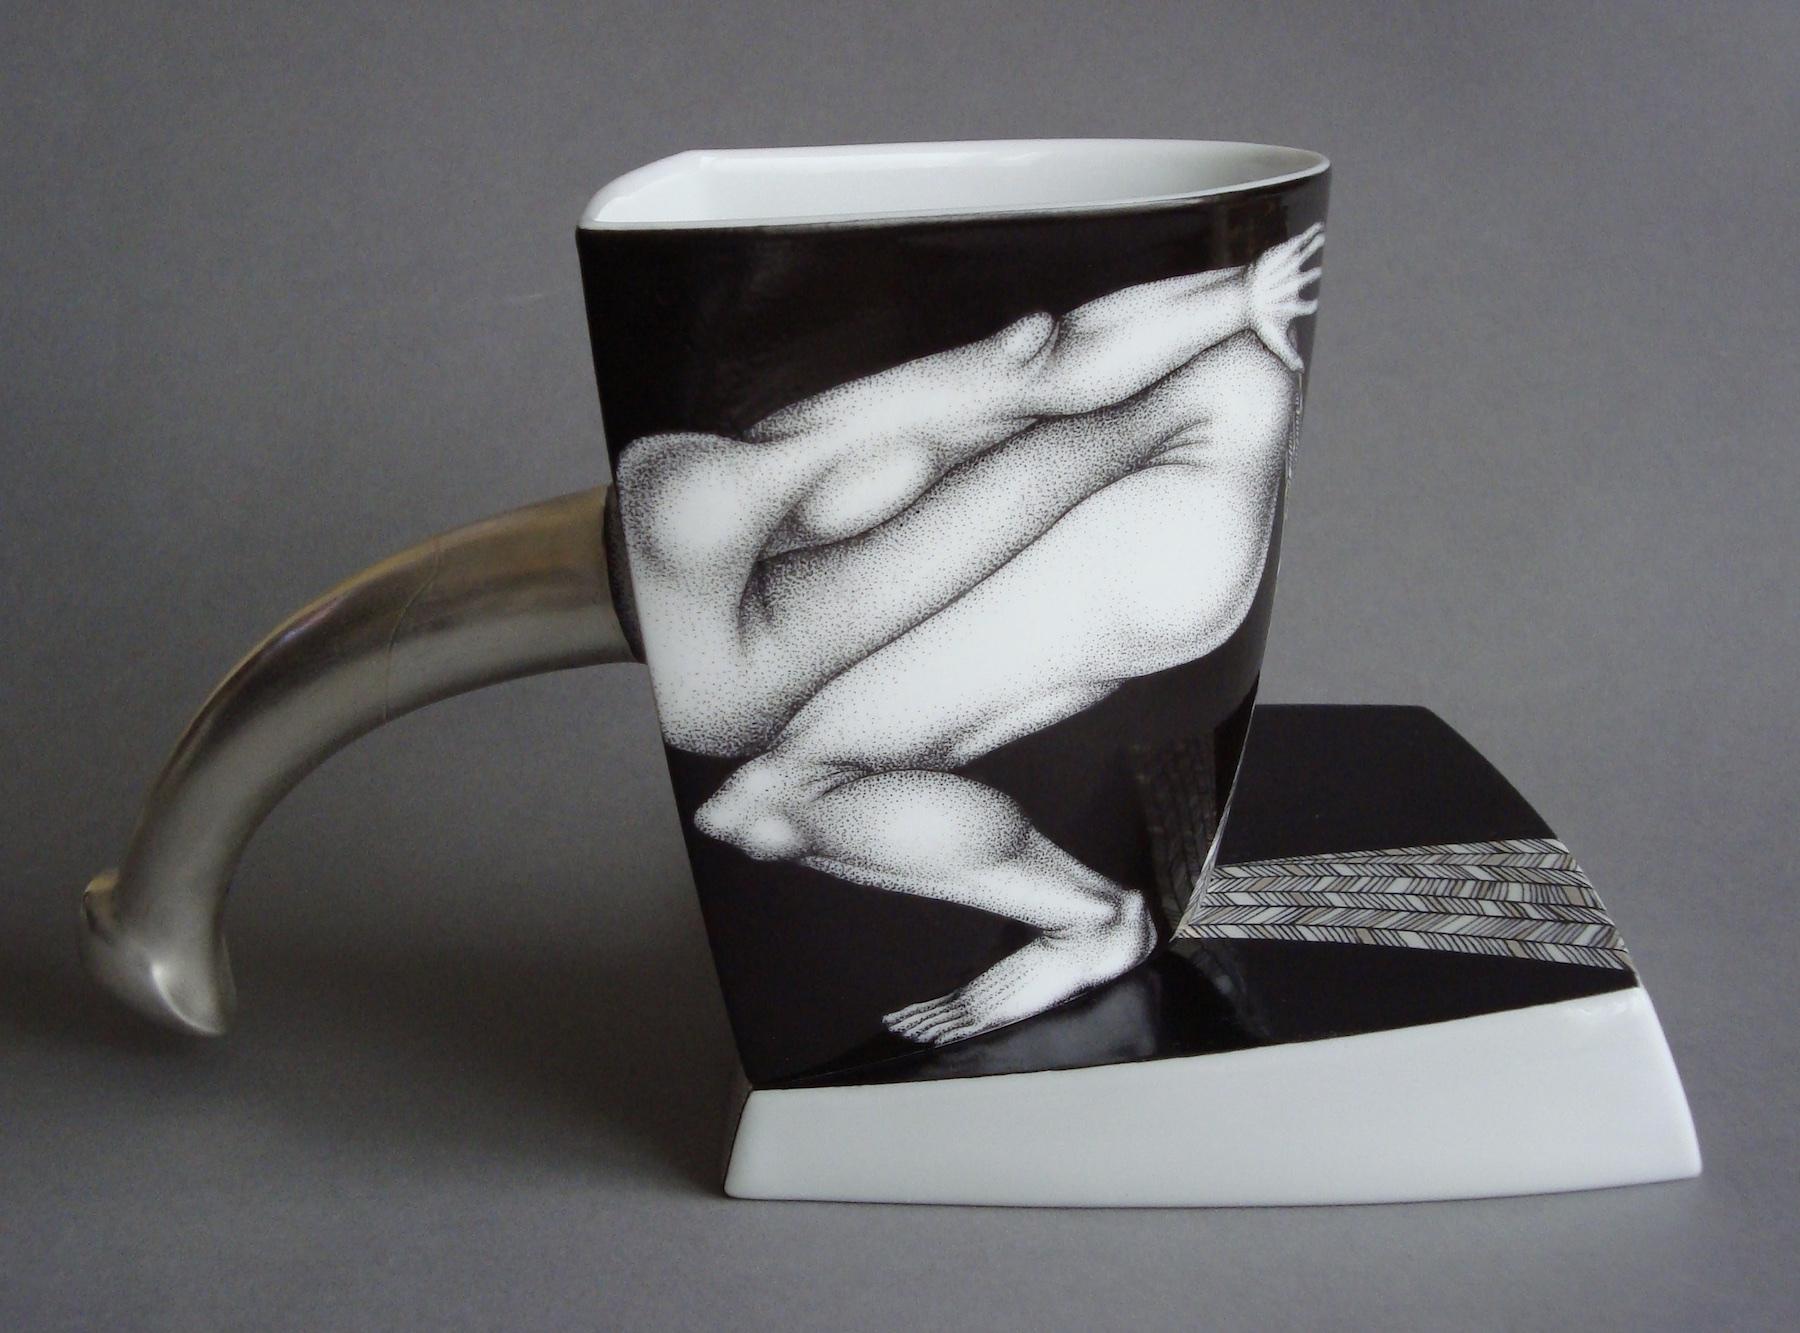 122. cup&saucer 2011